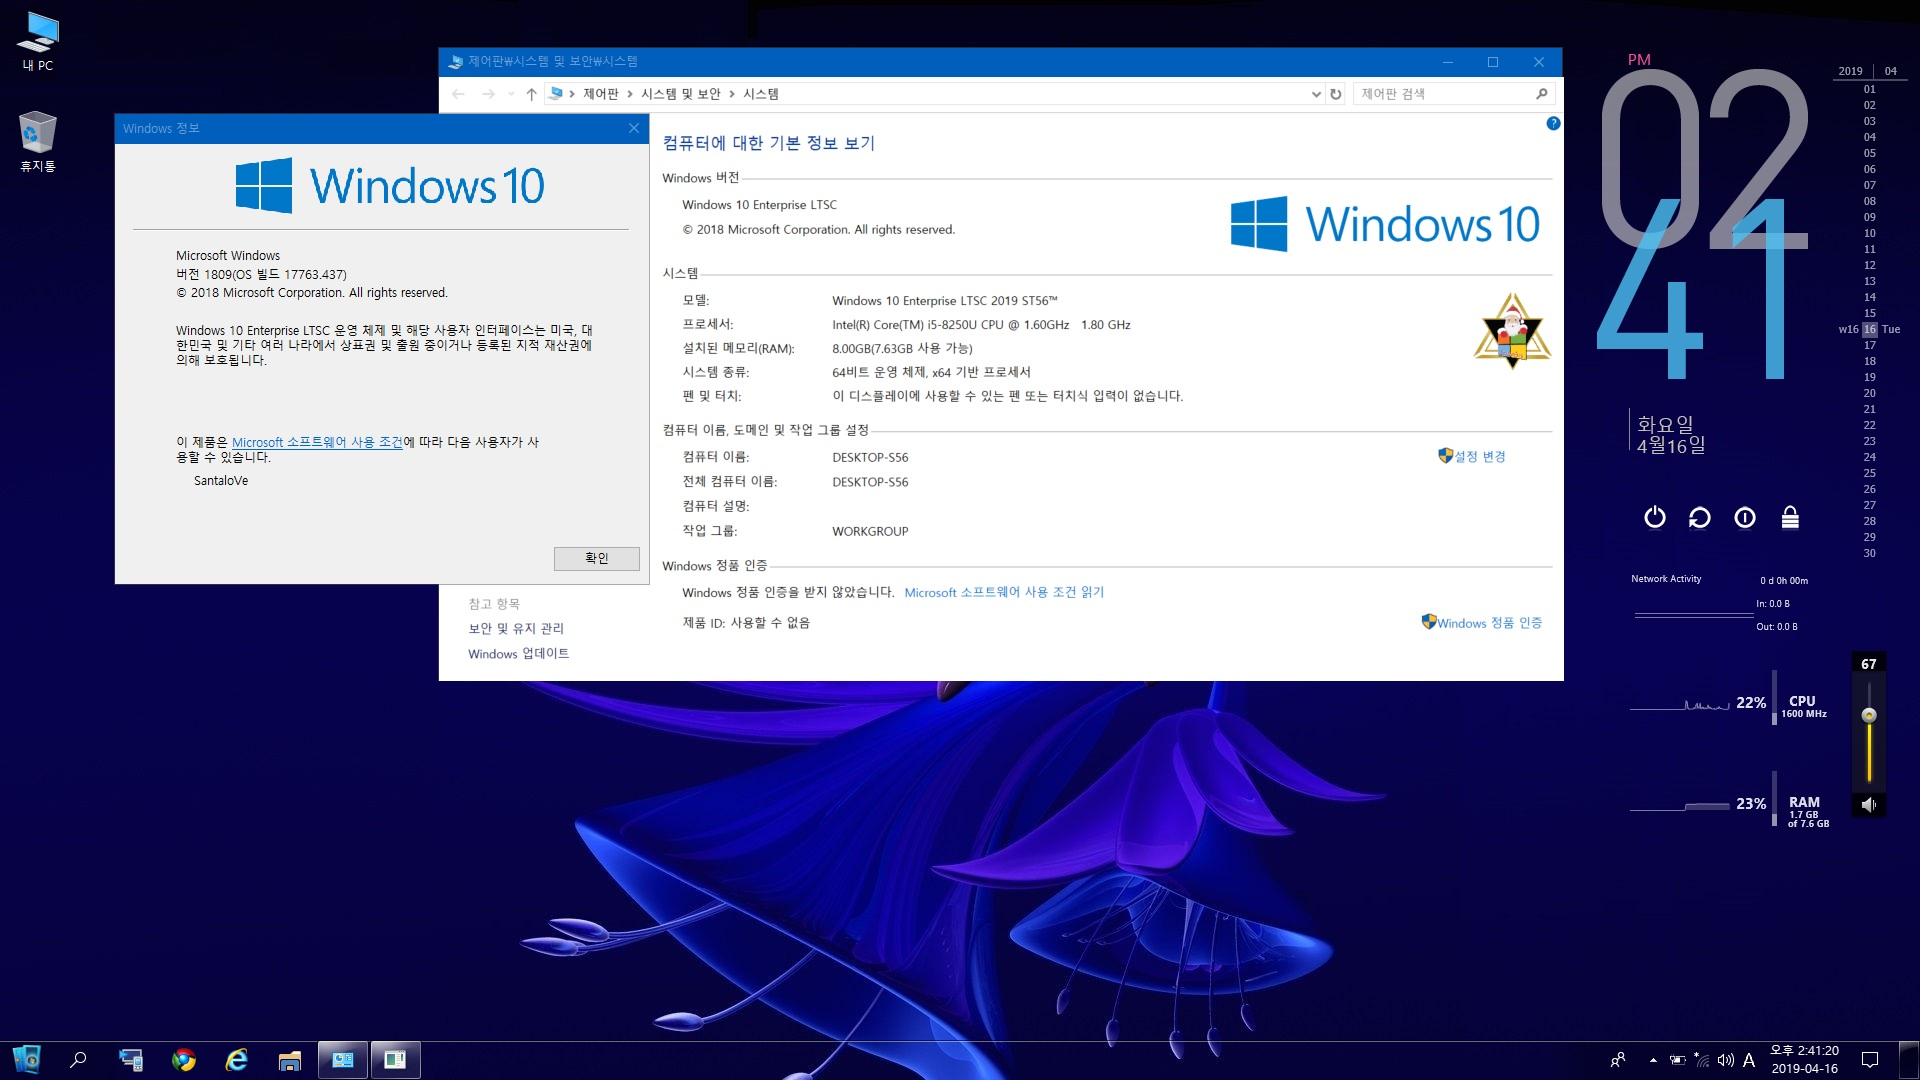 윈도우 포럼 - 설치/사용기 - 산타님 Windows 10 Enterprise LTSC 2019 ST56